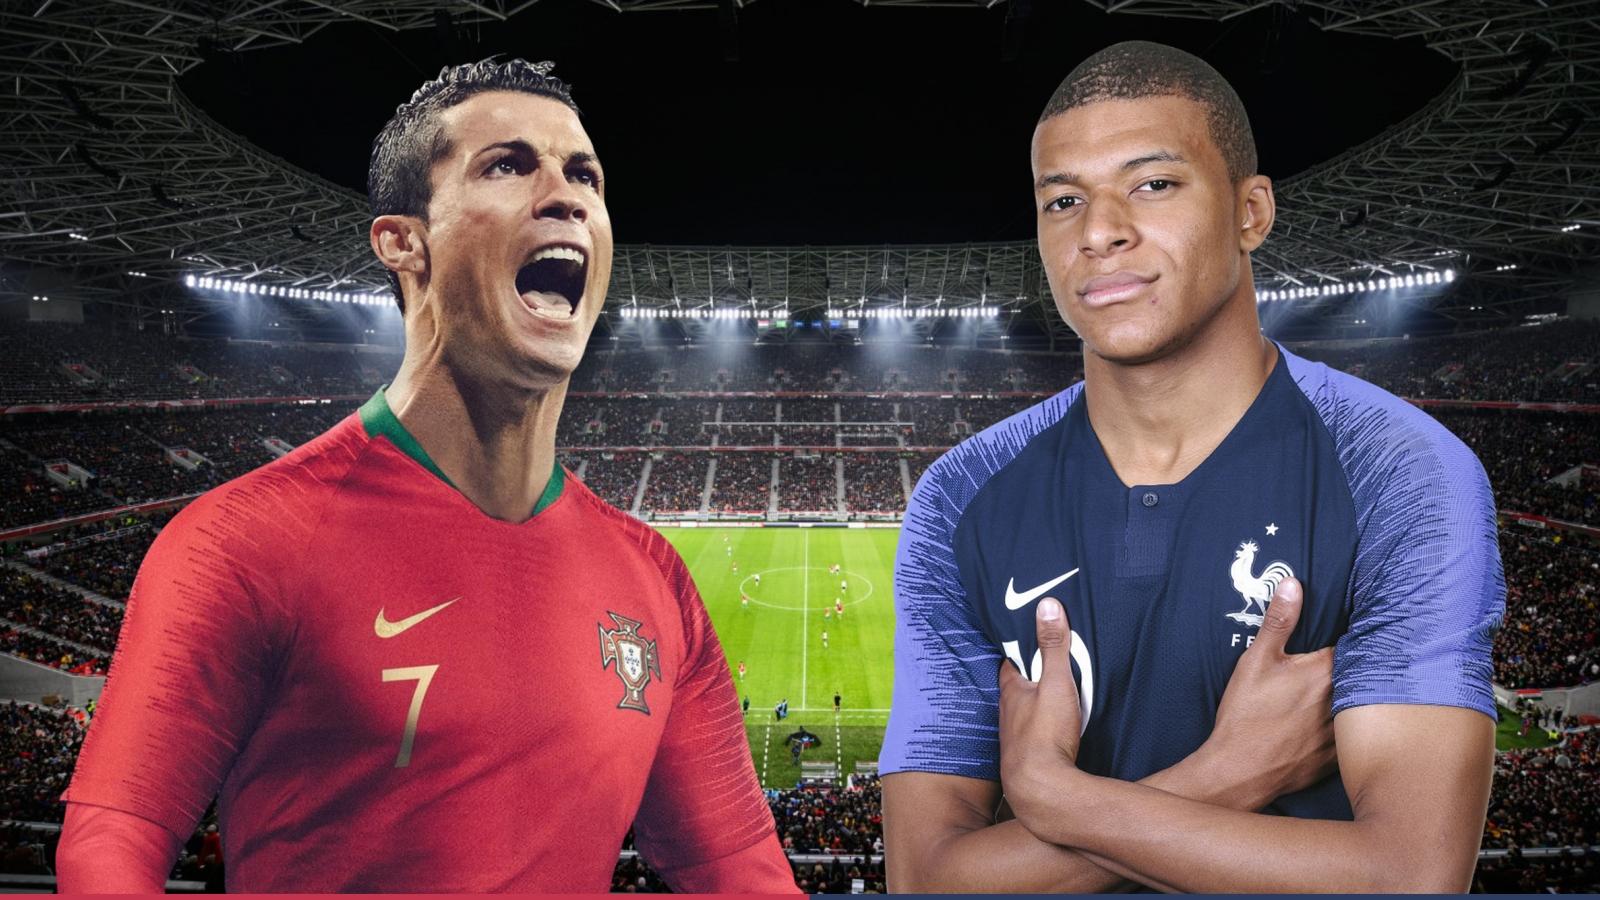 Dự đoán tỷ số, đội hình xuất phát trận Bồ Đào Nha - Pháp